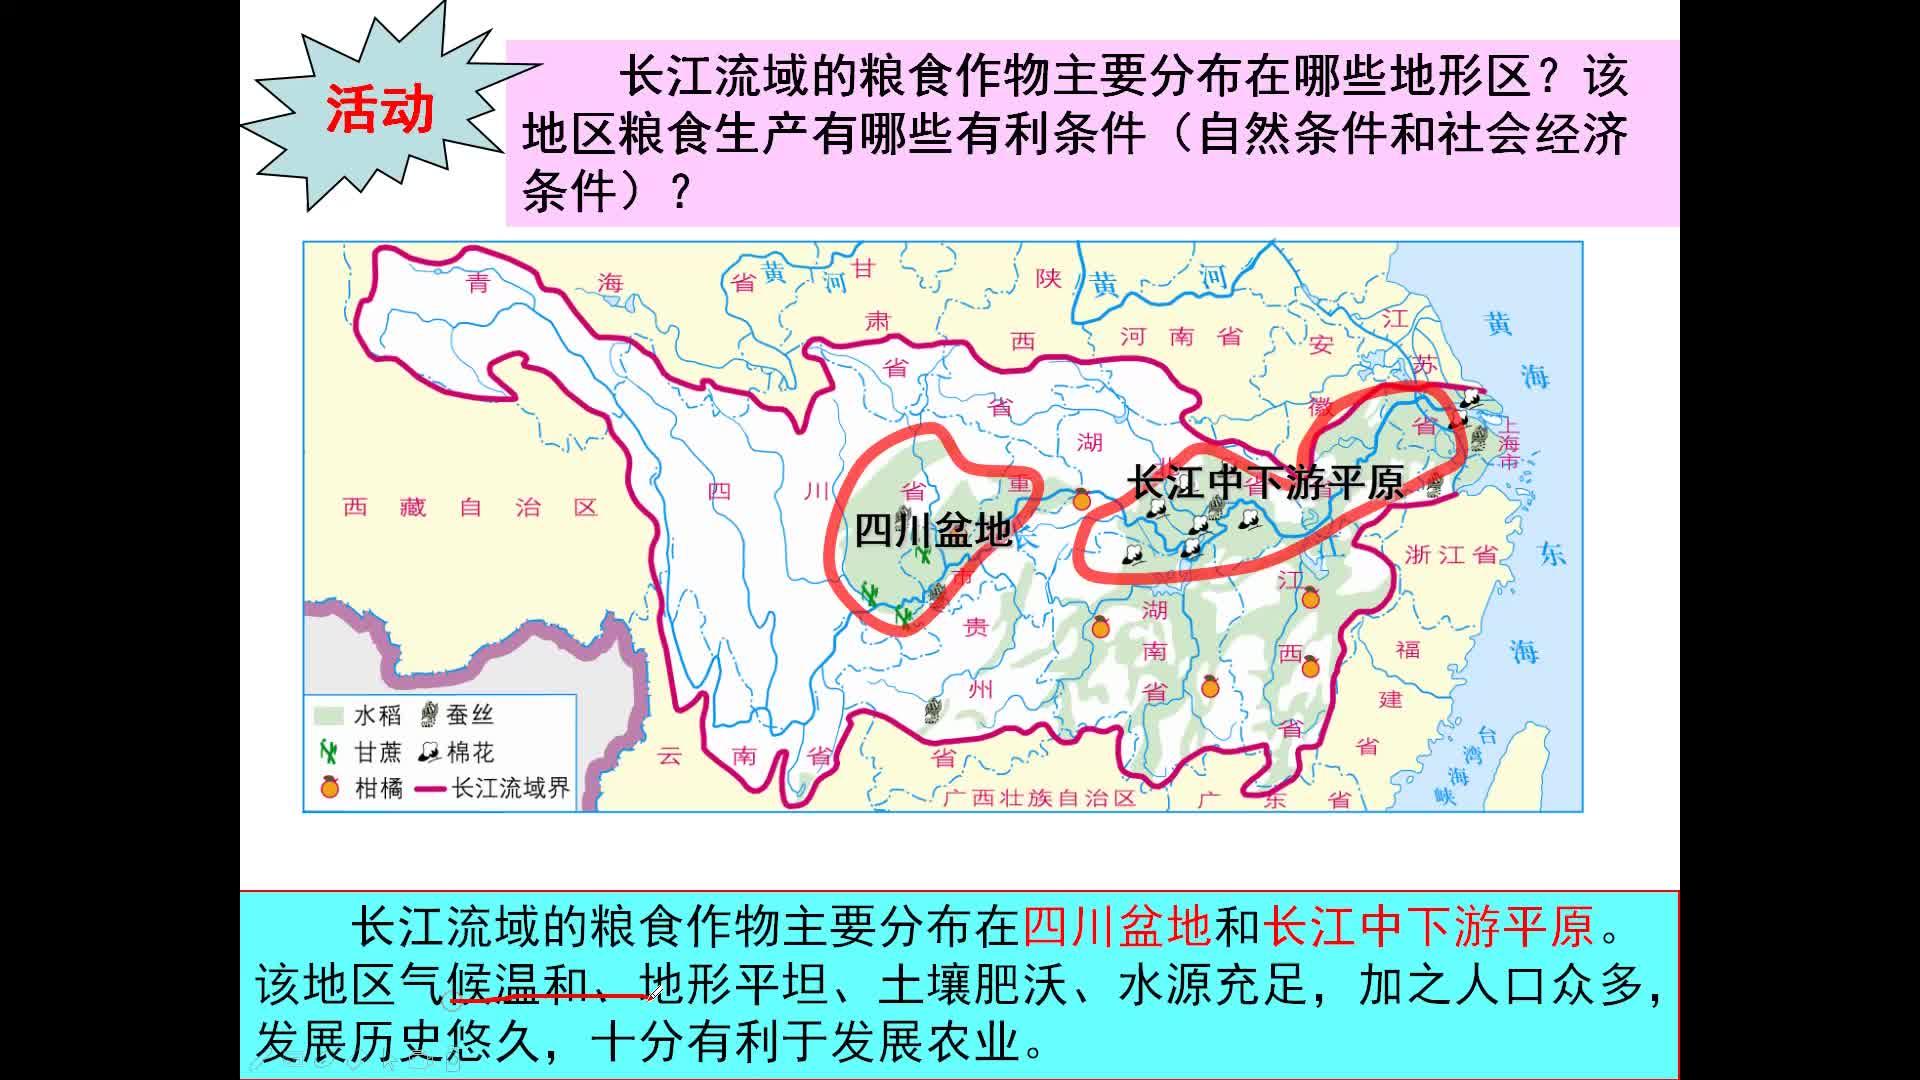 中考復習26省際區域二(長江流域、四川盆地和塔里木盆地)